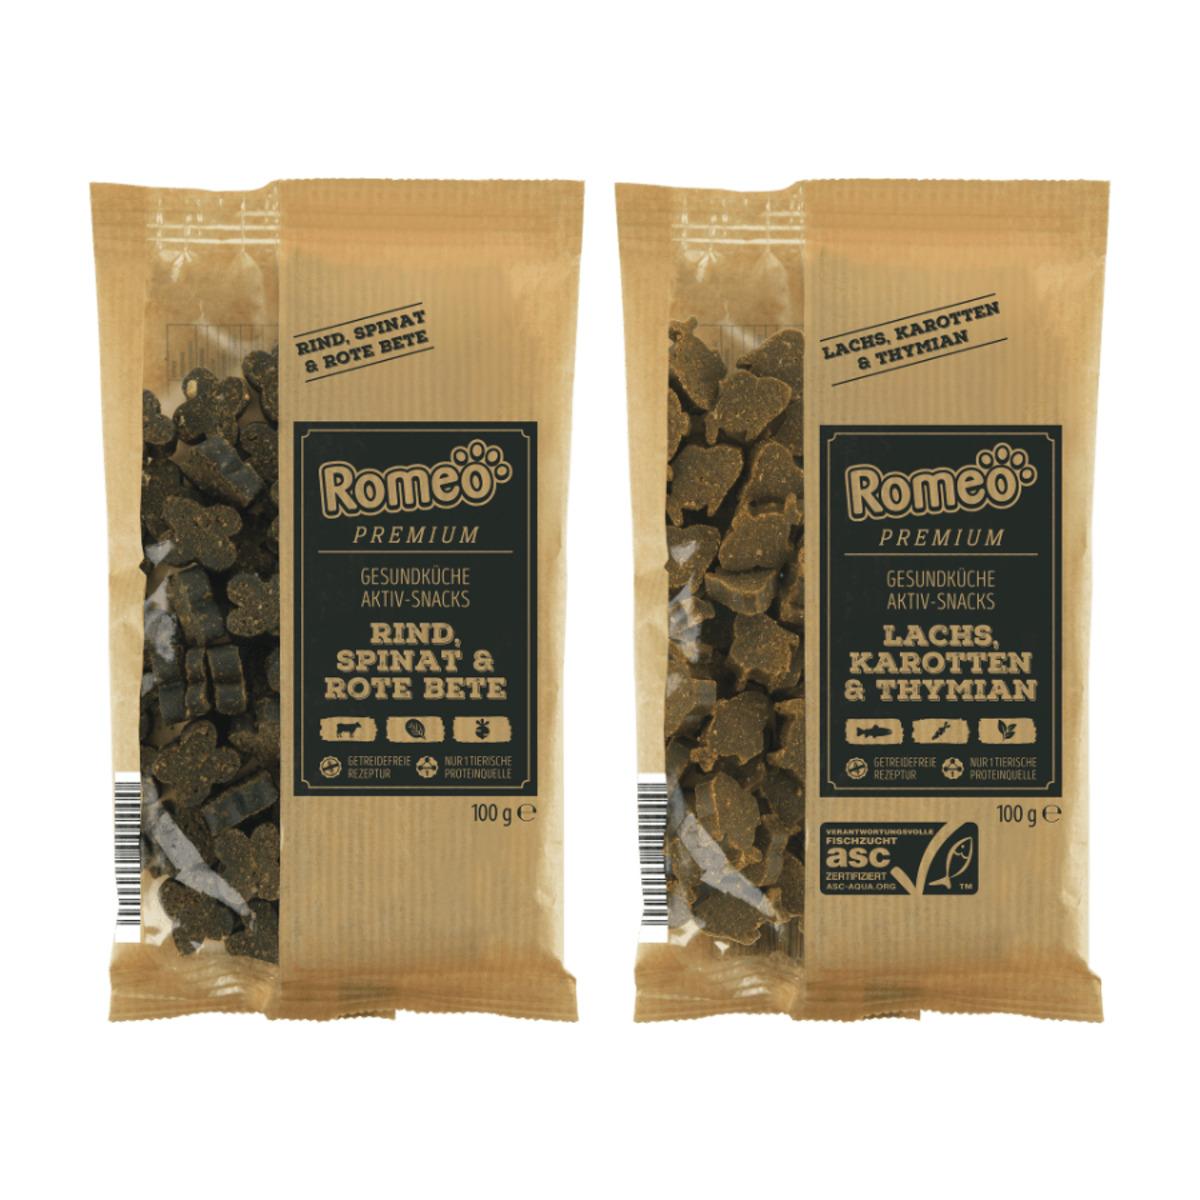 Bild 1 von ROMEO     Premium-Aktiv-Snacks